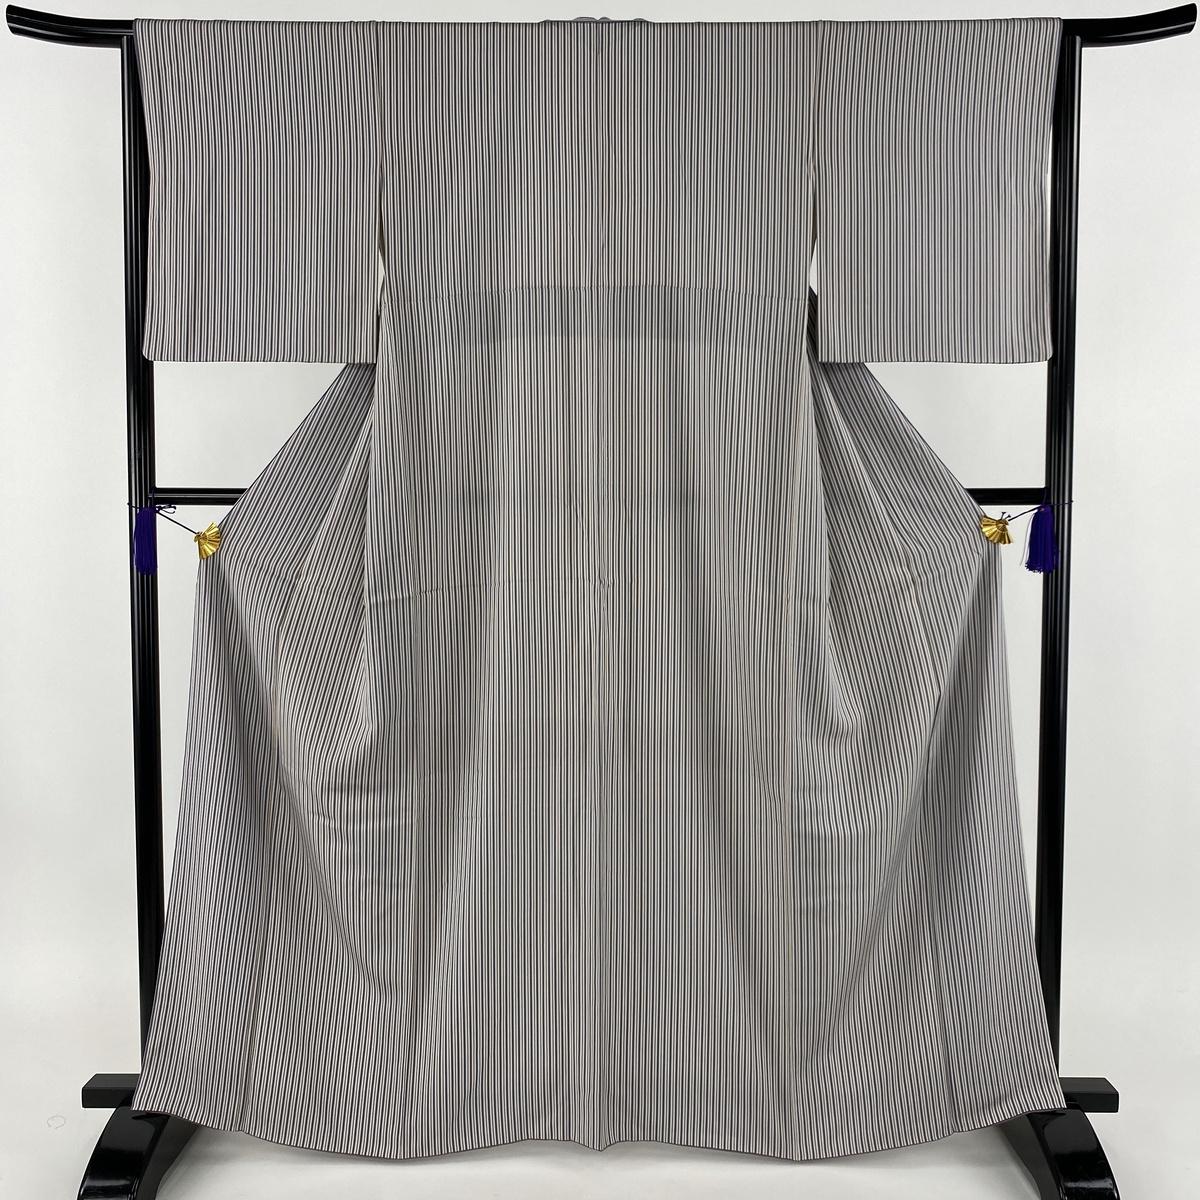 小紋 美品 秀品 縦縞 ストライプ 灰紫 袷 身丈165cm 裄丈64cm M 正絹 【中古】